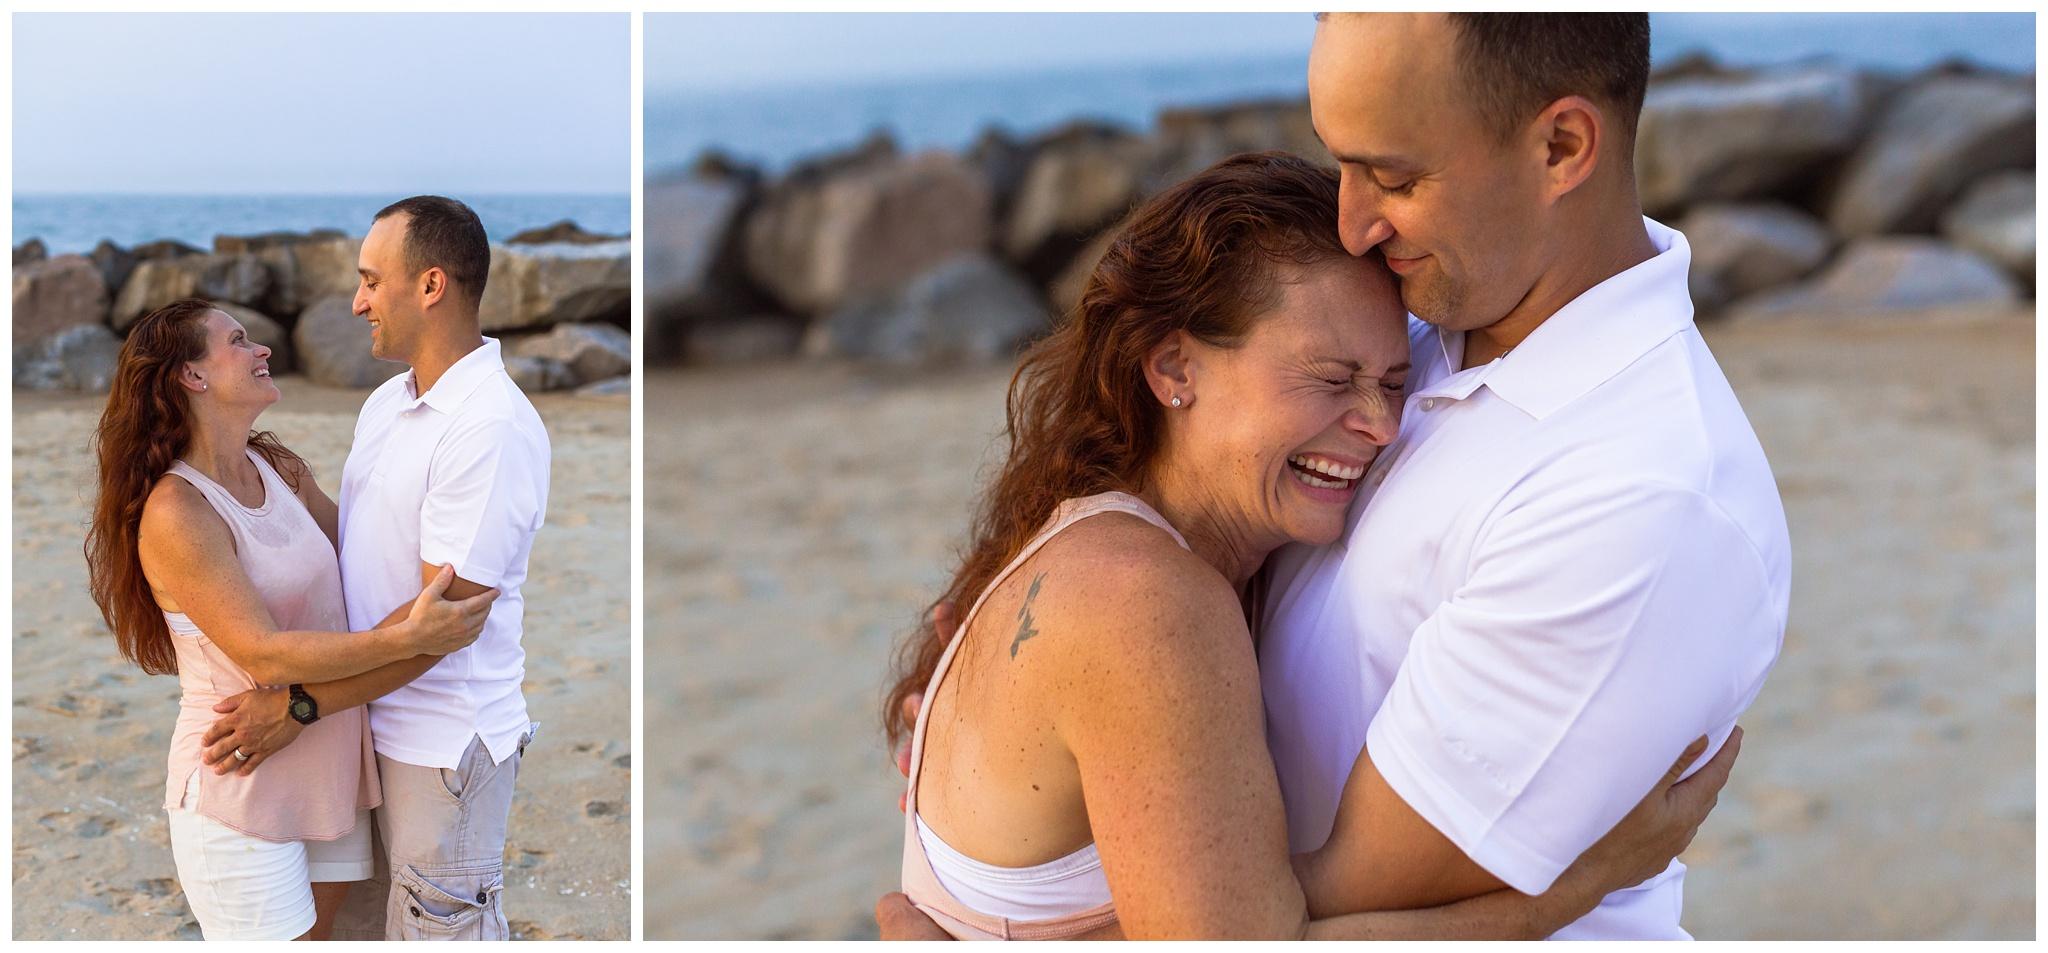 Virginia-Beach-Family-Photographer -11-2.jpg